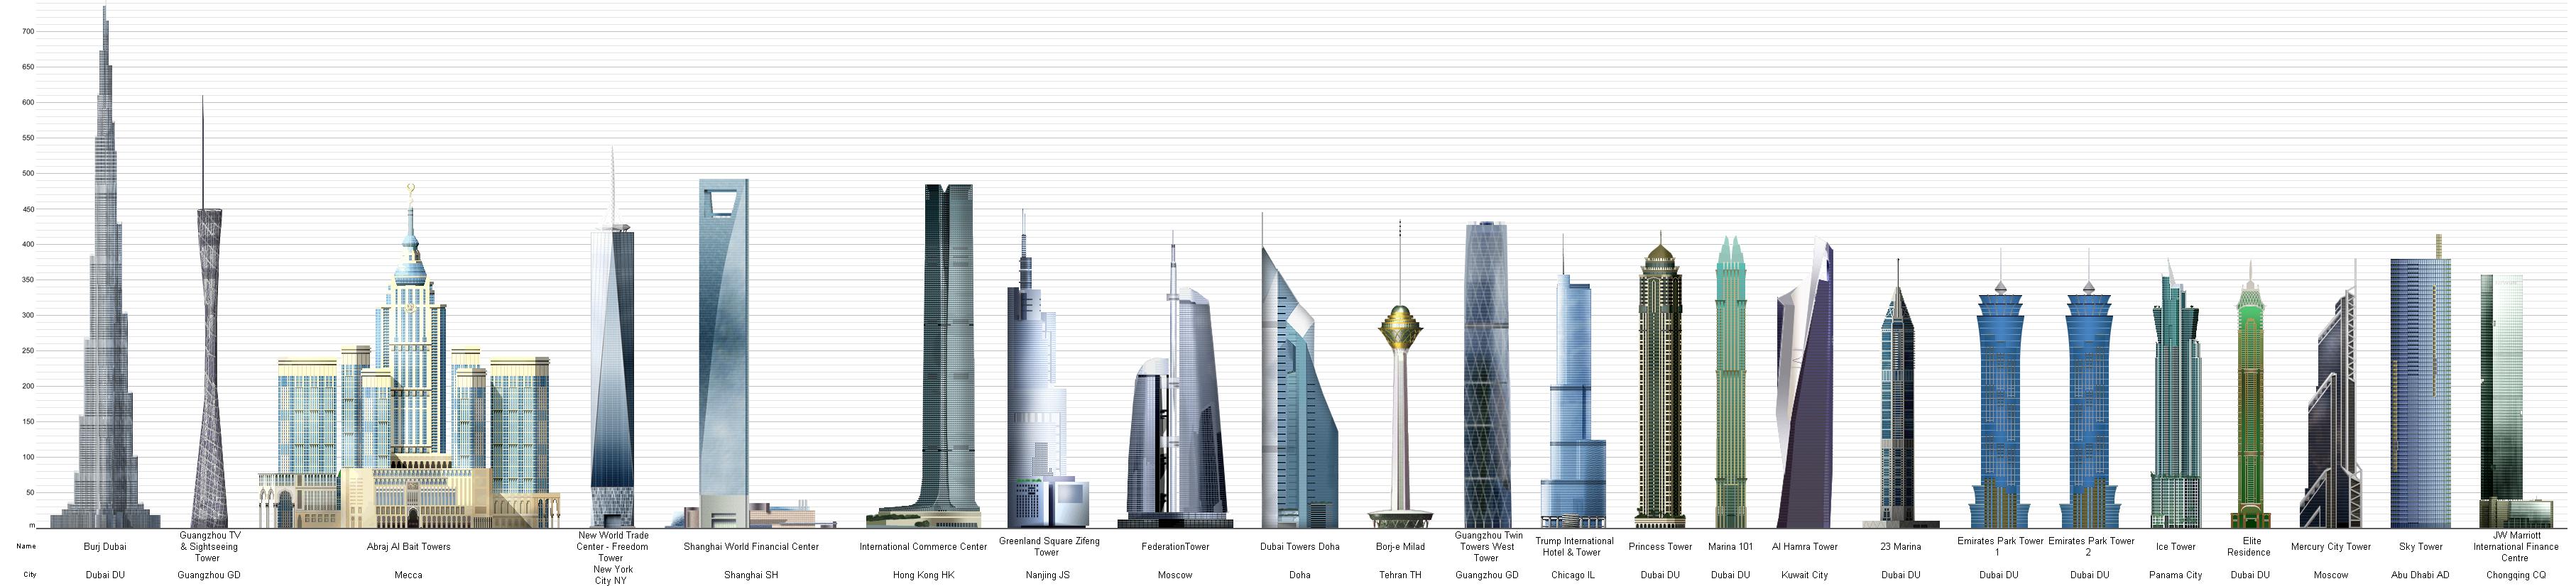 top skyscrapers of the world 2013 högsta skyskrapor